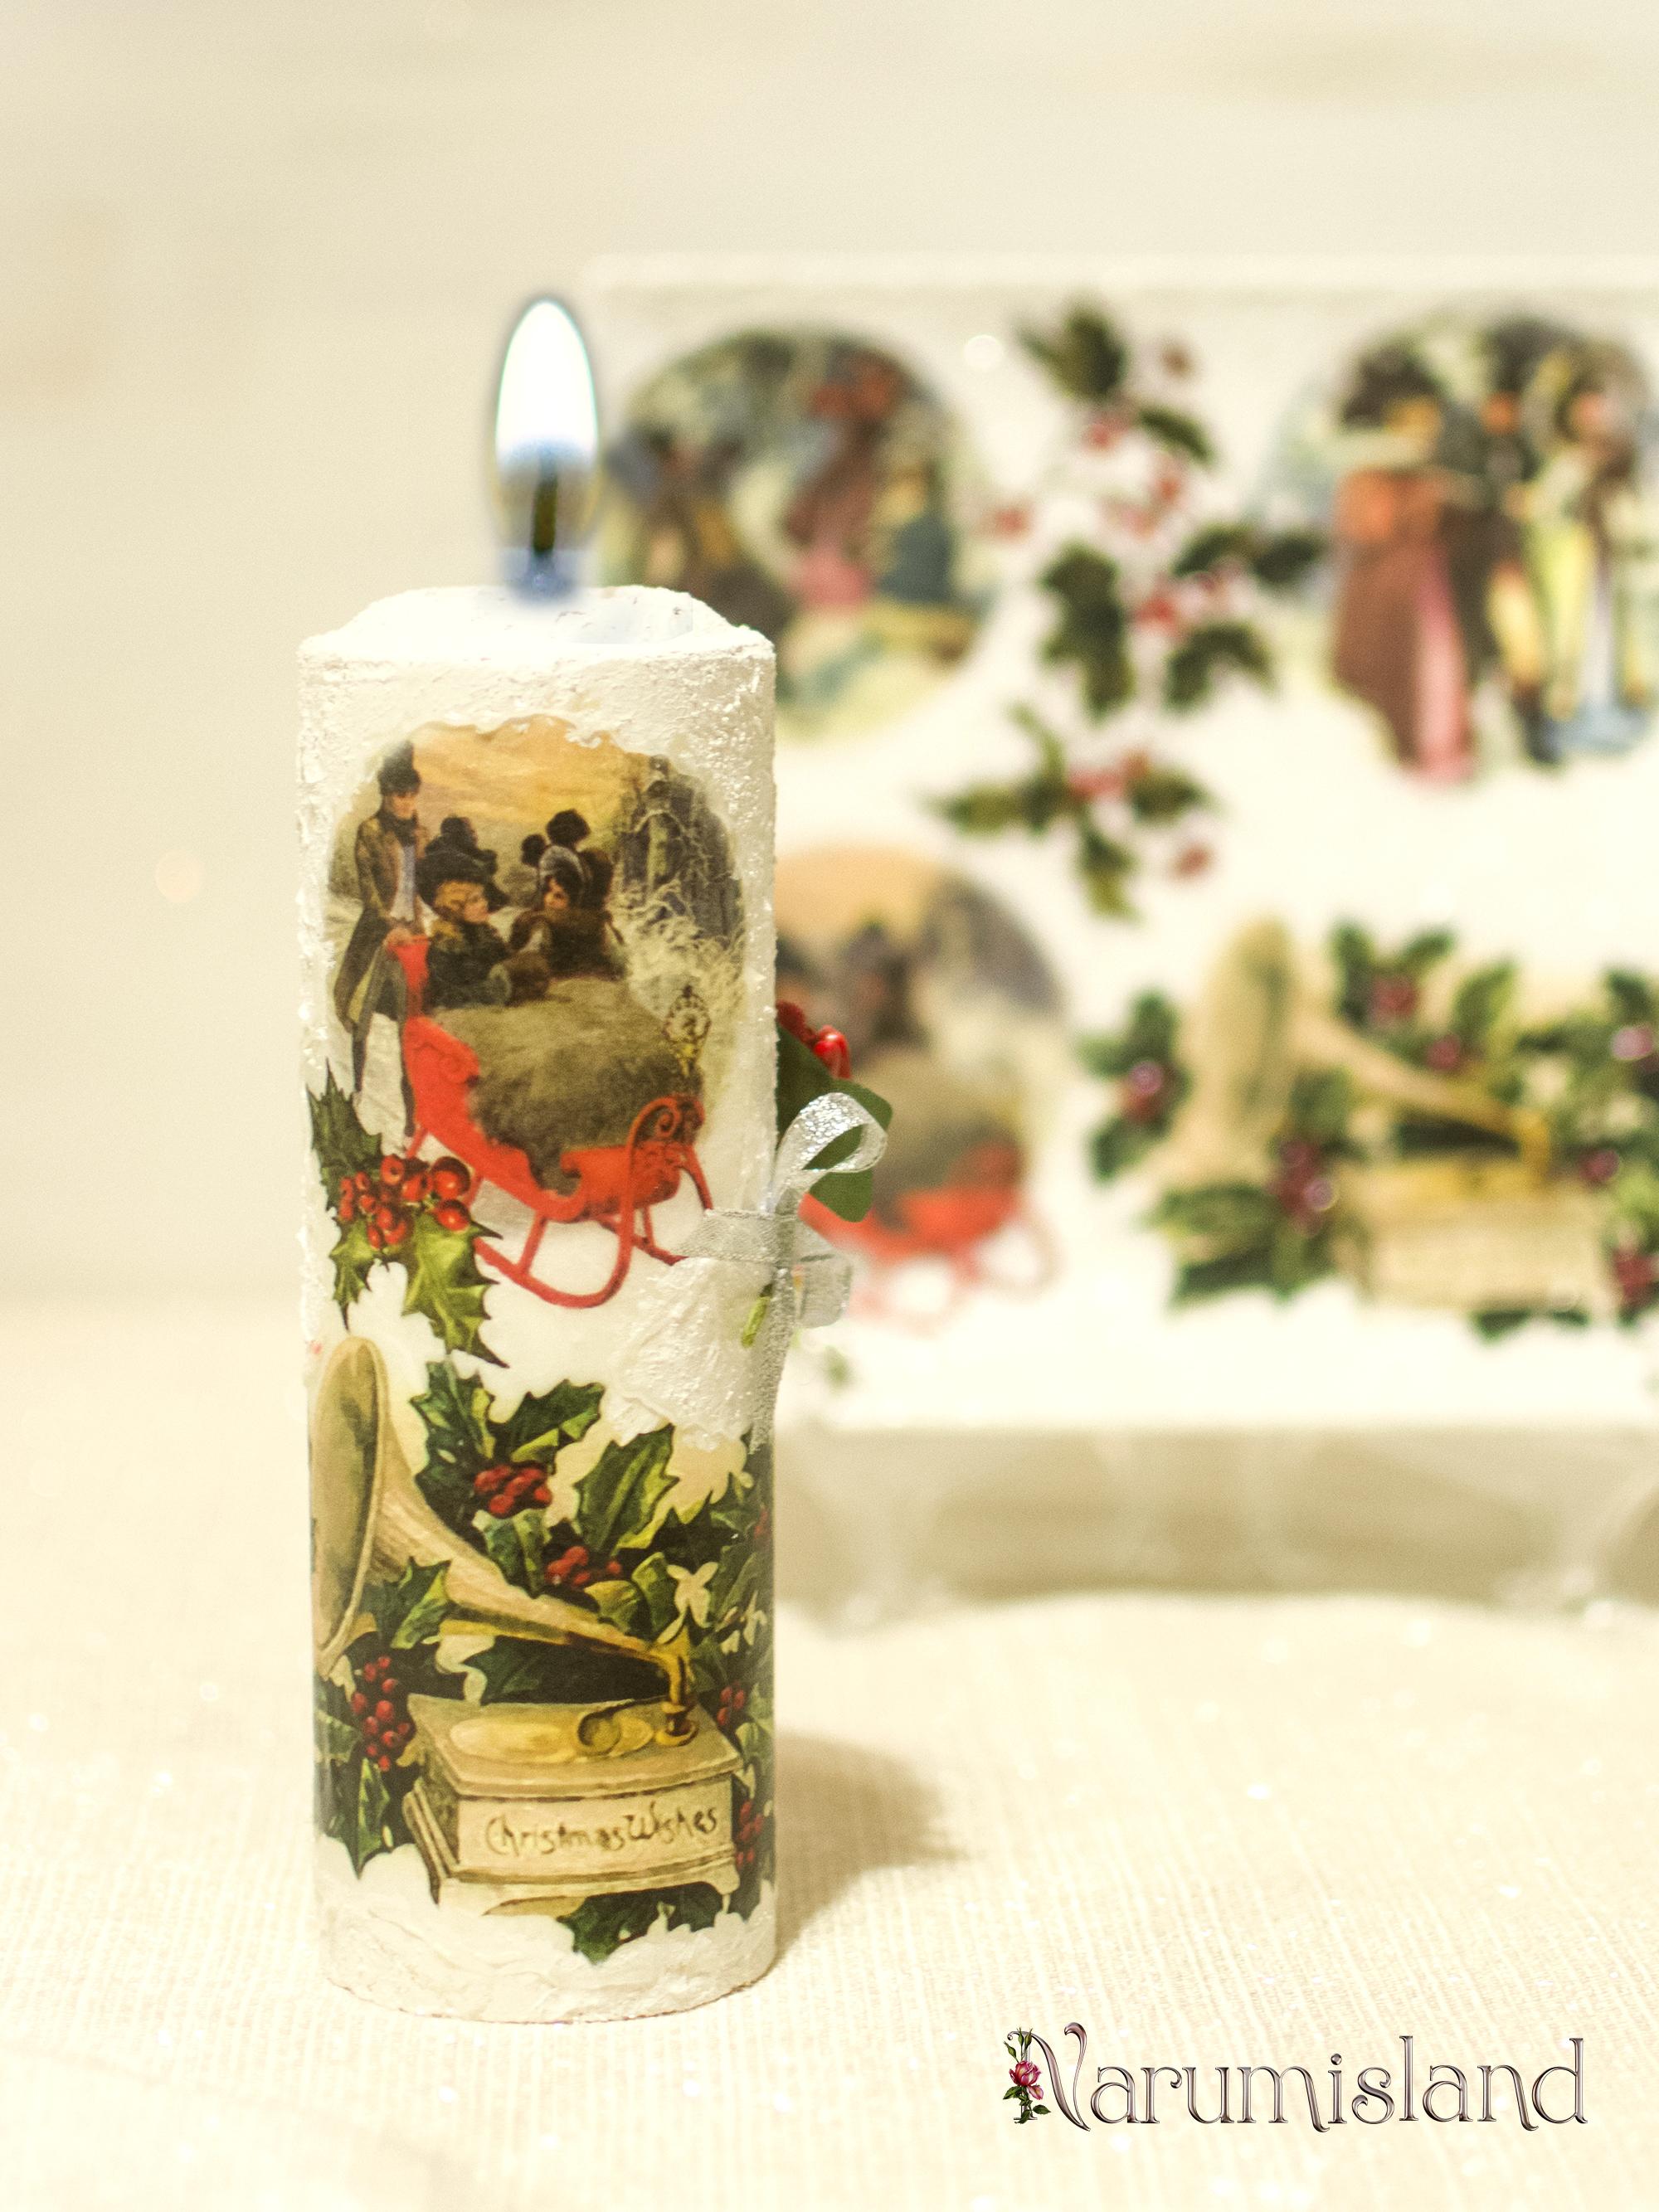 Lumanare decorativa: Scene de iarna cu tineri in padure